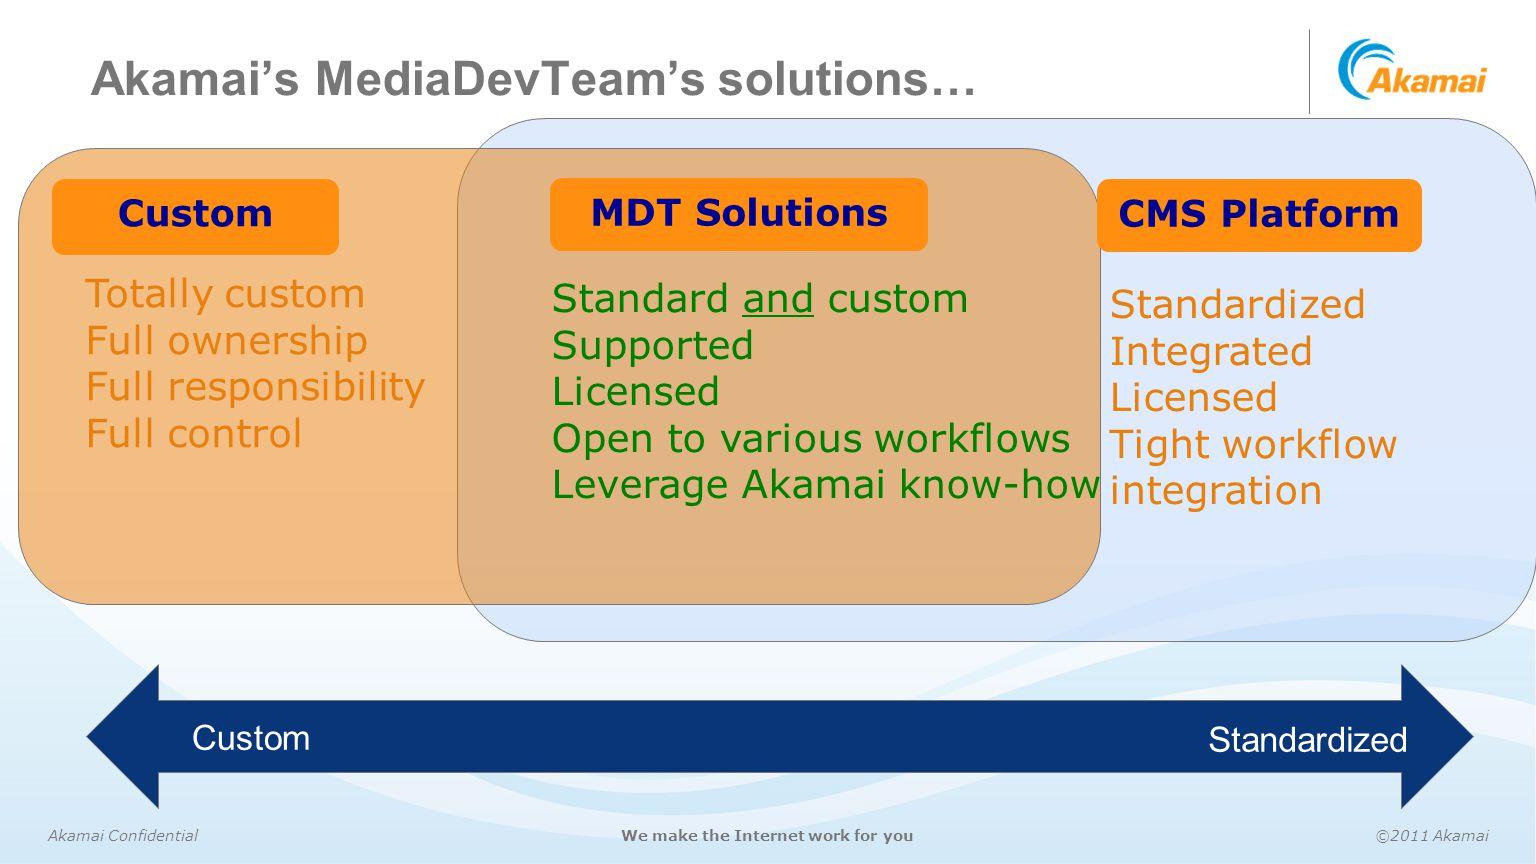 Akamai Confidential©2011 AkamaiWe make the Internet work for you Akamai's MediaDevTeam's solutions… Totally custom Full ownership Full responsibility